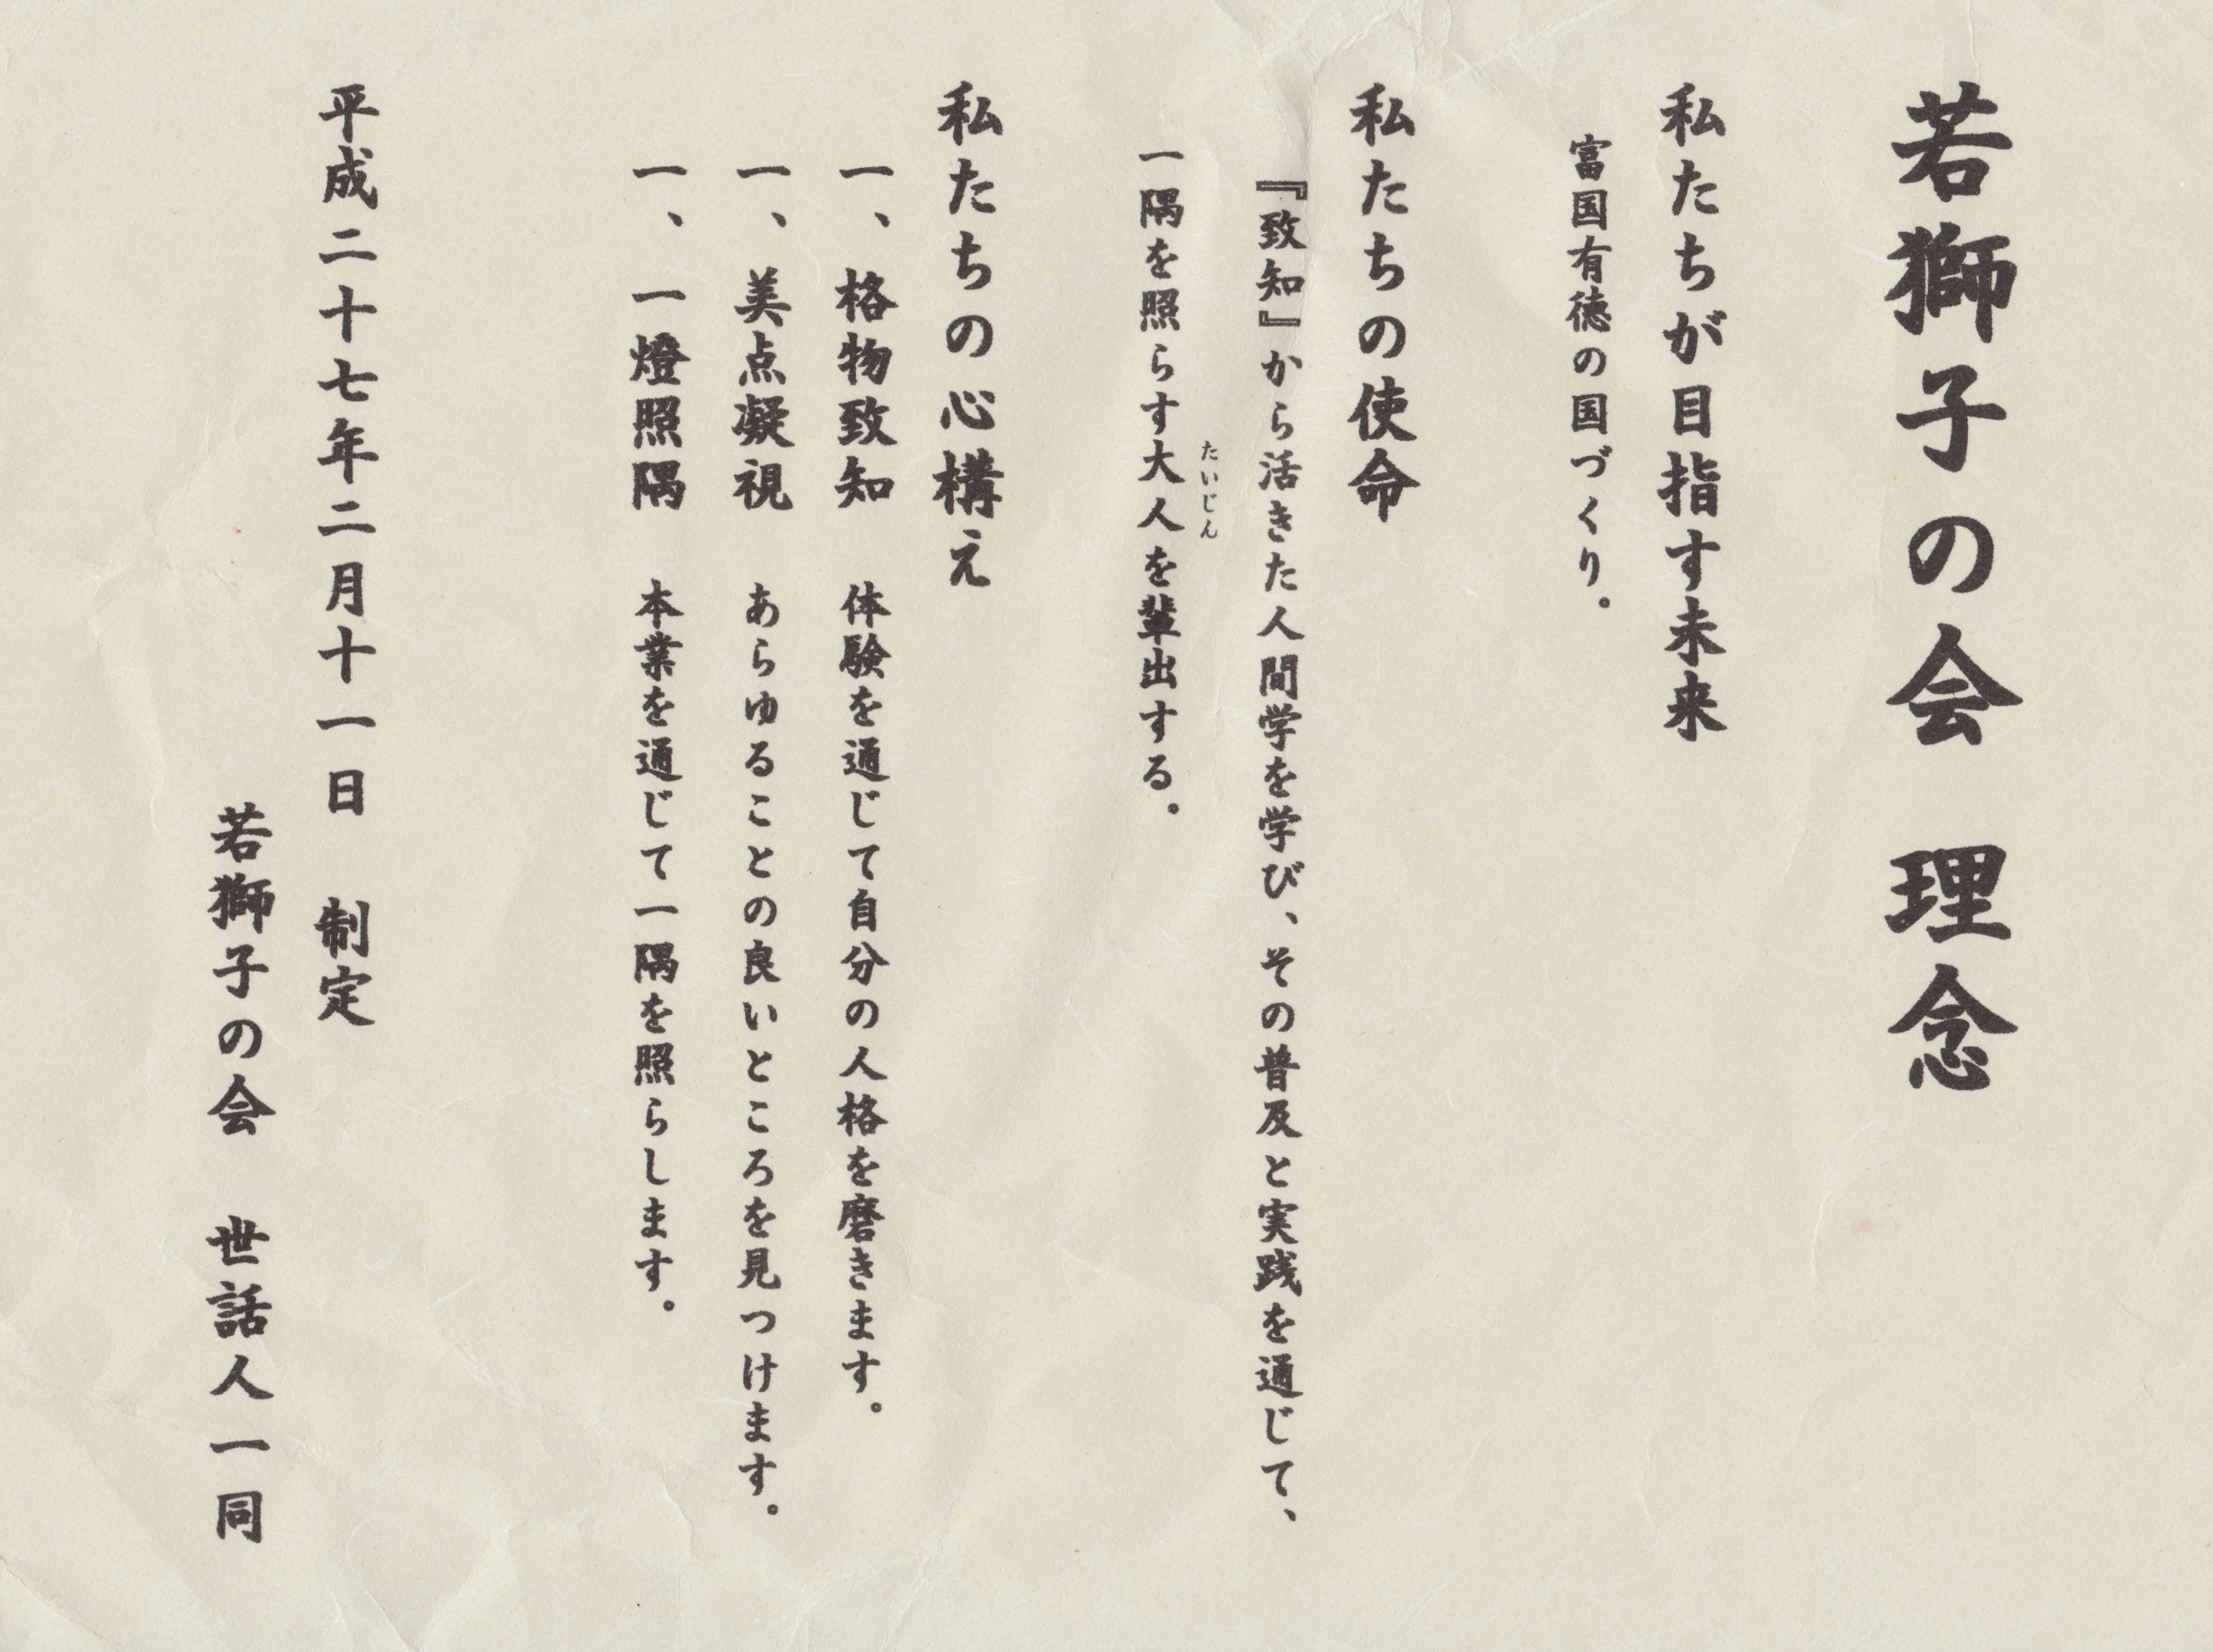 wakajishirinen - 若獅子の会全国大会